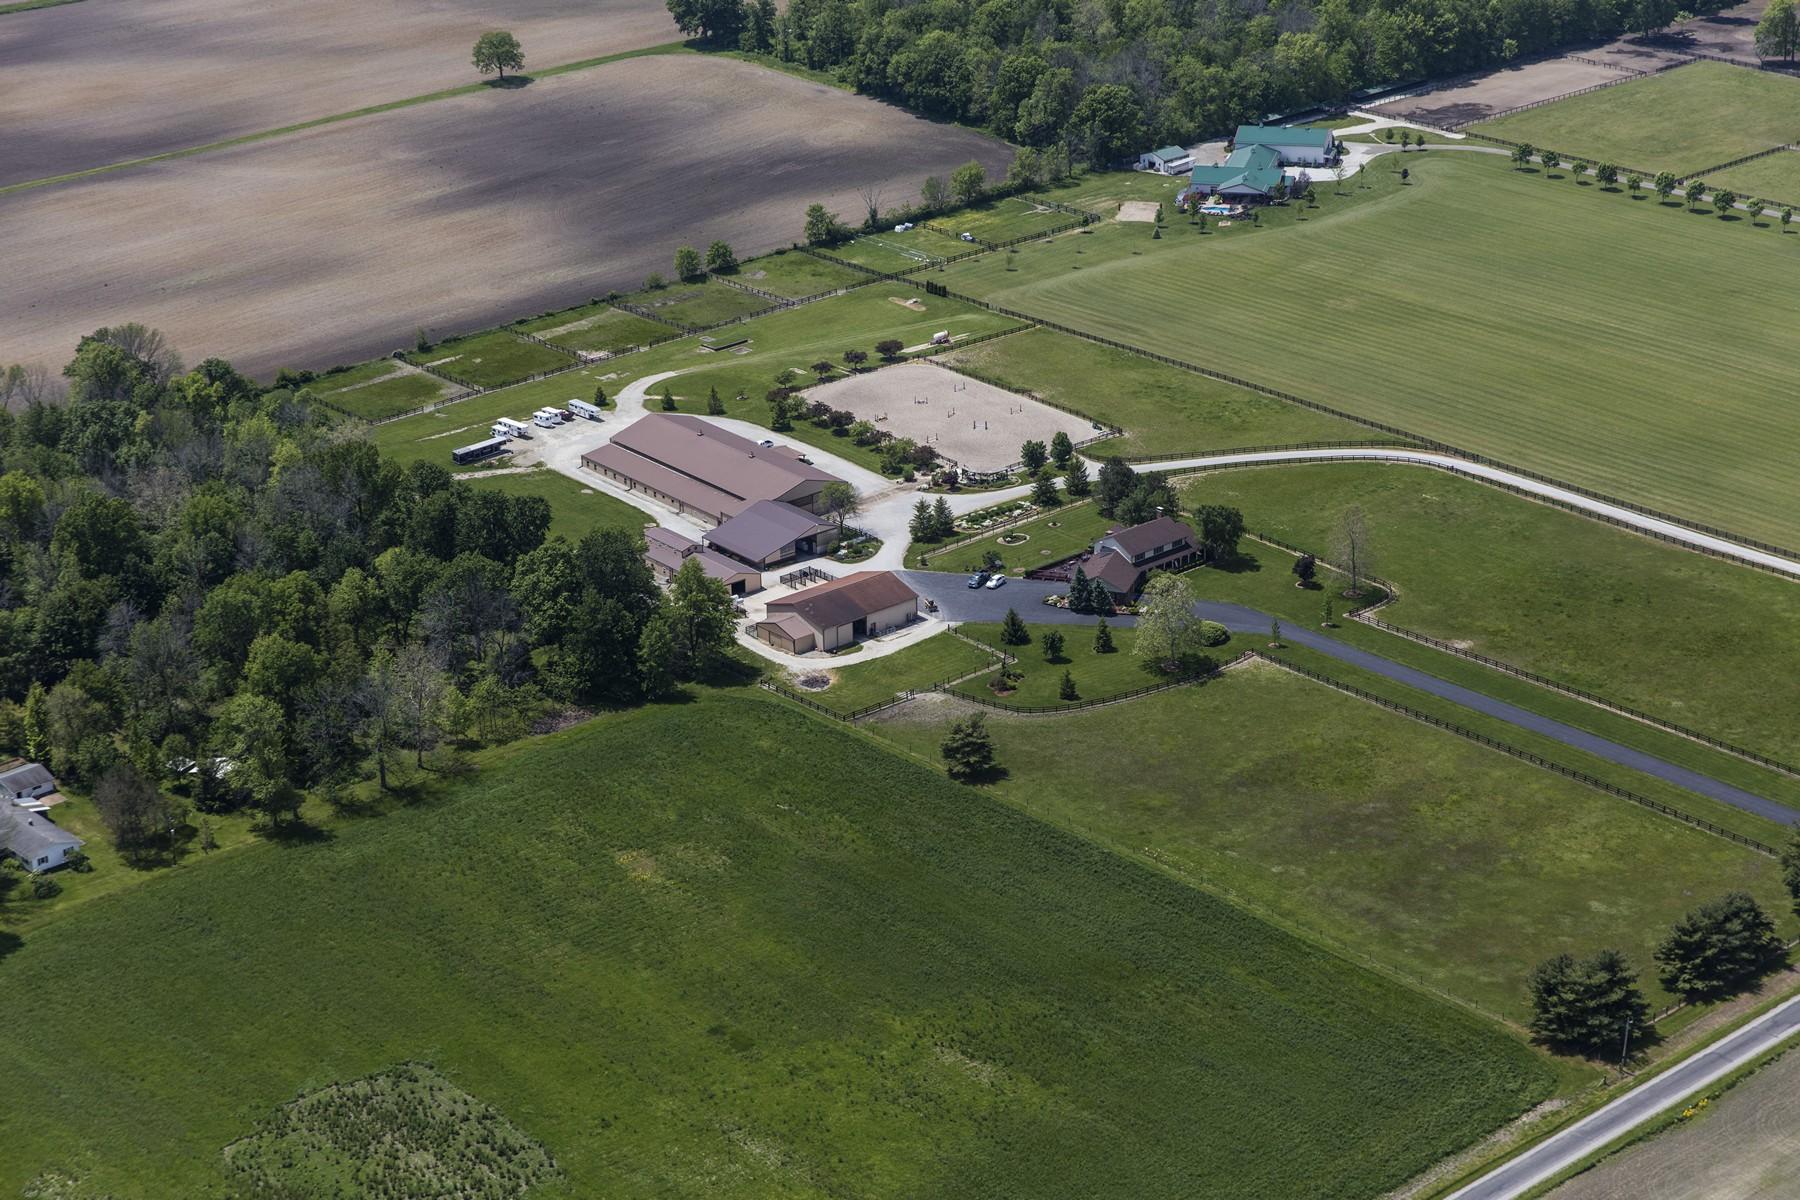 Maison unifamiliale pour l Vente à Elite Equine Property 7829 E 100 N Zionsville, Indiana 46075 États-Unis